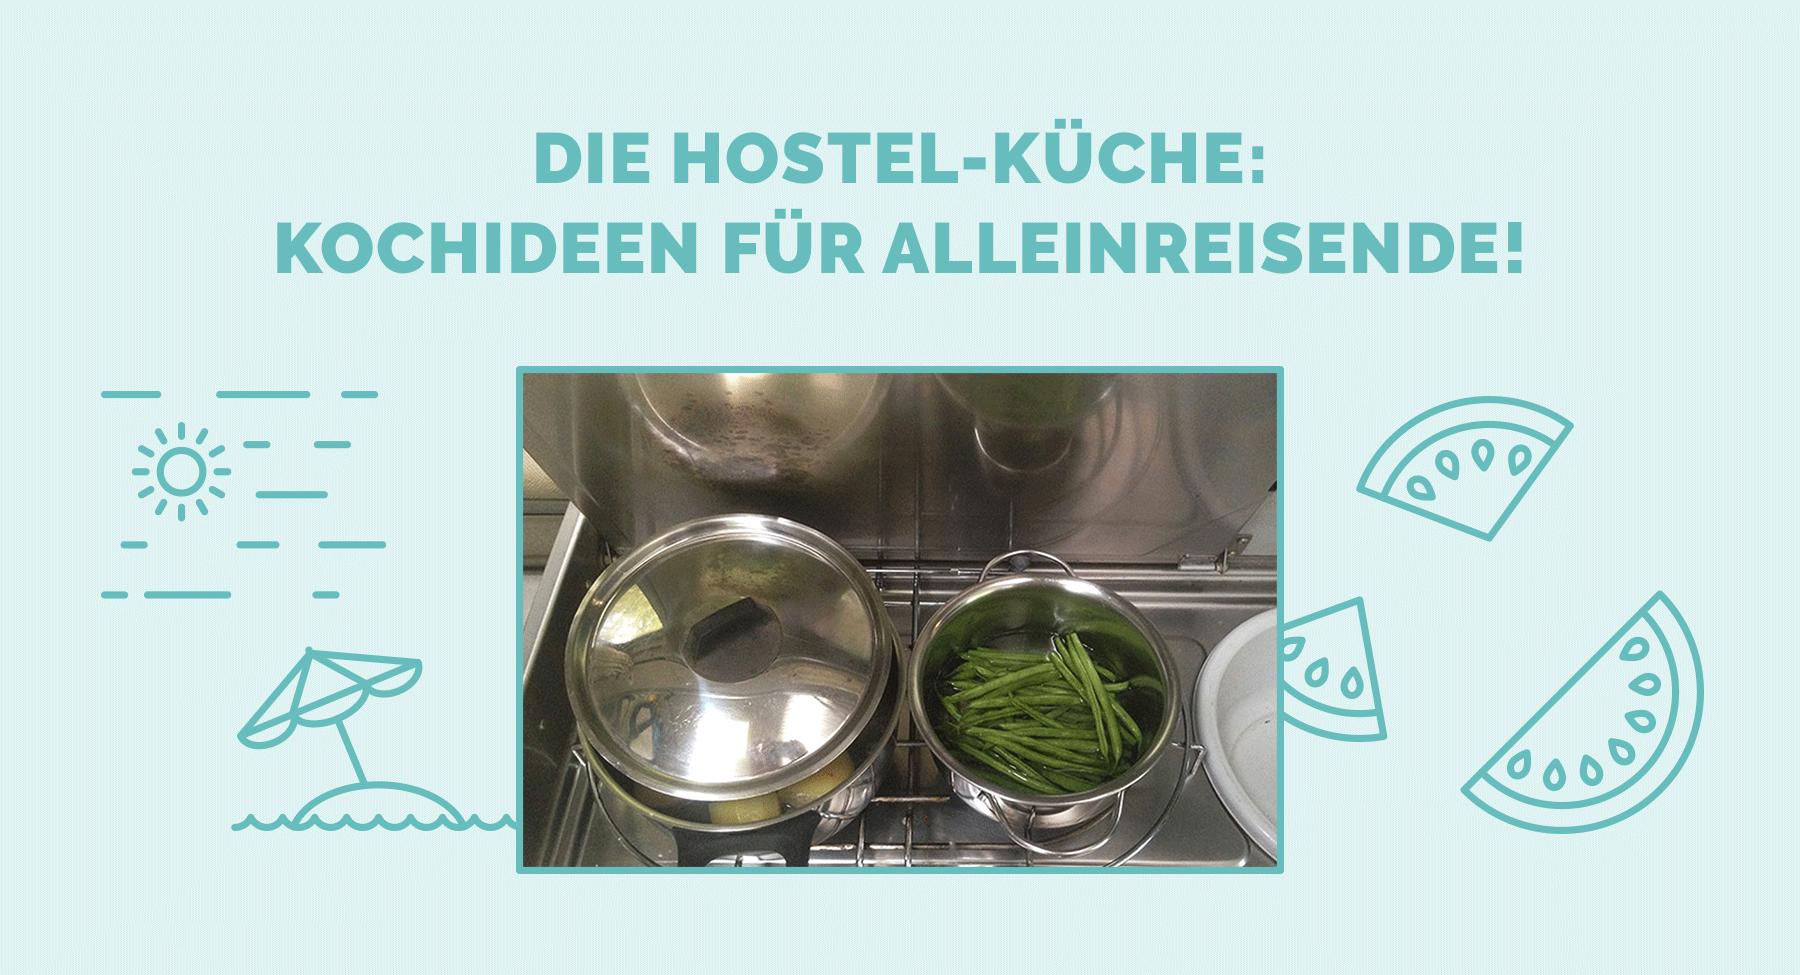 Die Hostel-Küche: Kochideen für Allreisende! • Pink Compass